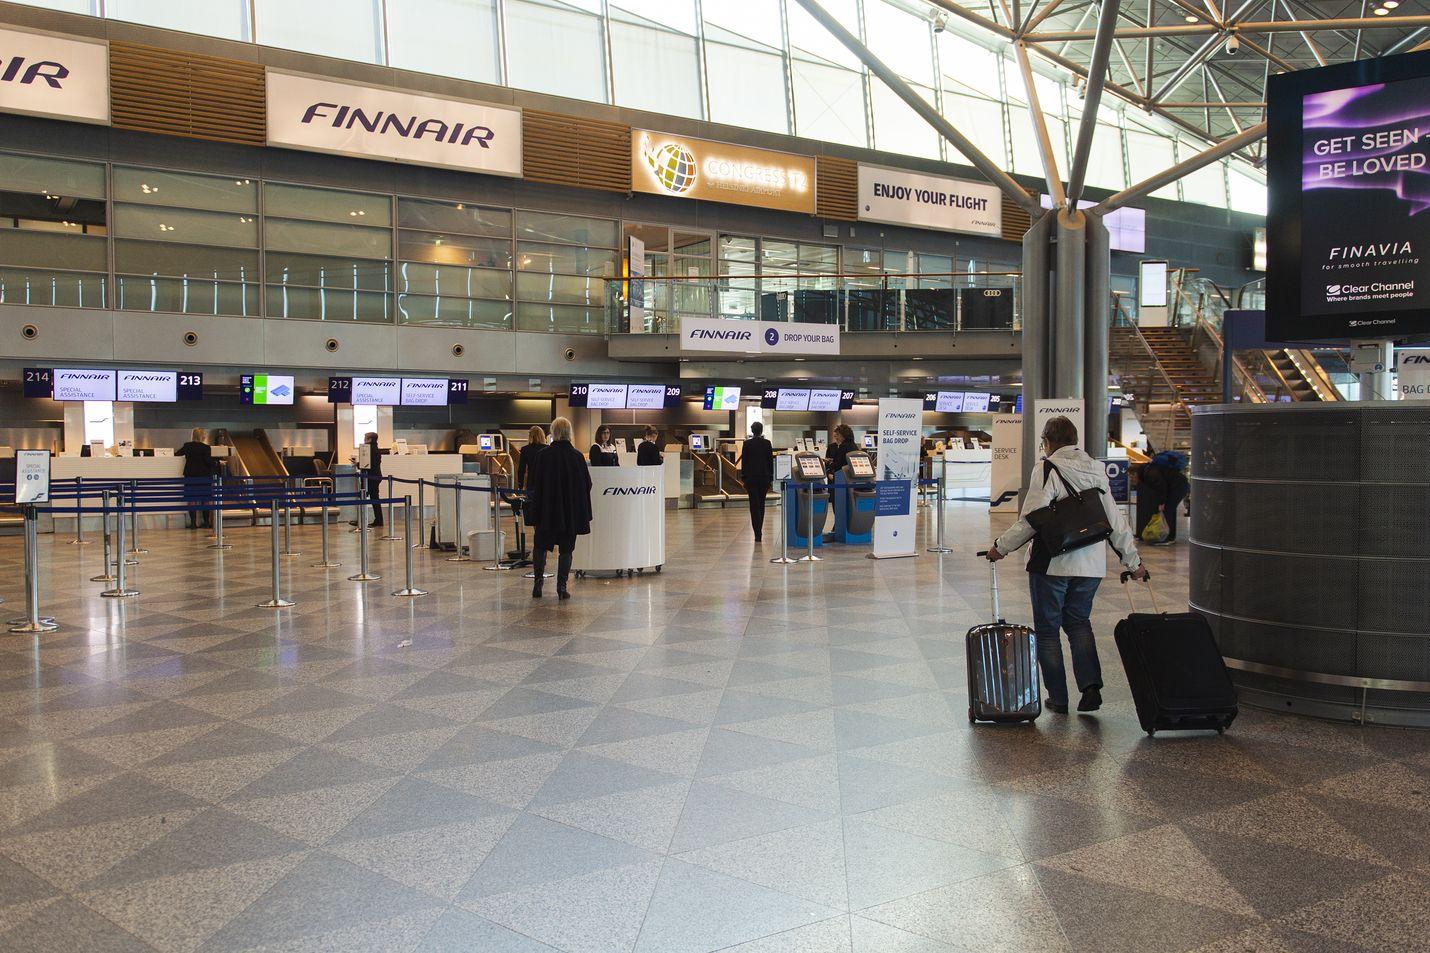 Koronavirus on hiljentänyt Helsinki-Vantaan lentoaseman. Kuva on otettu maaliskuussa.